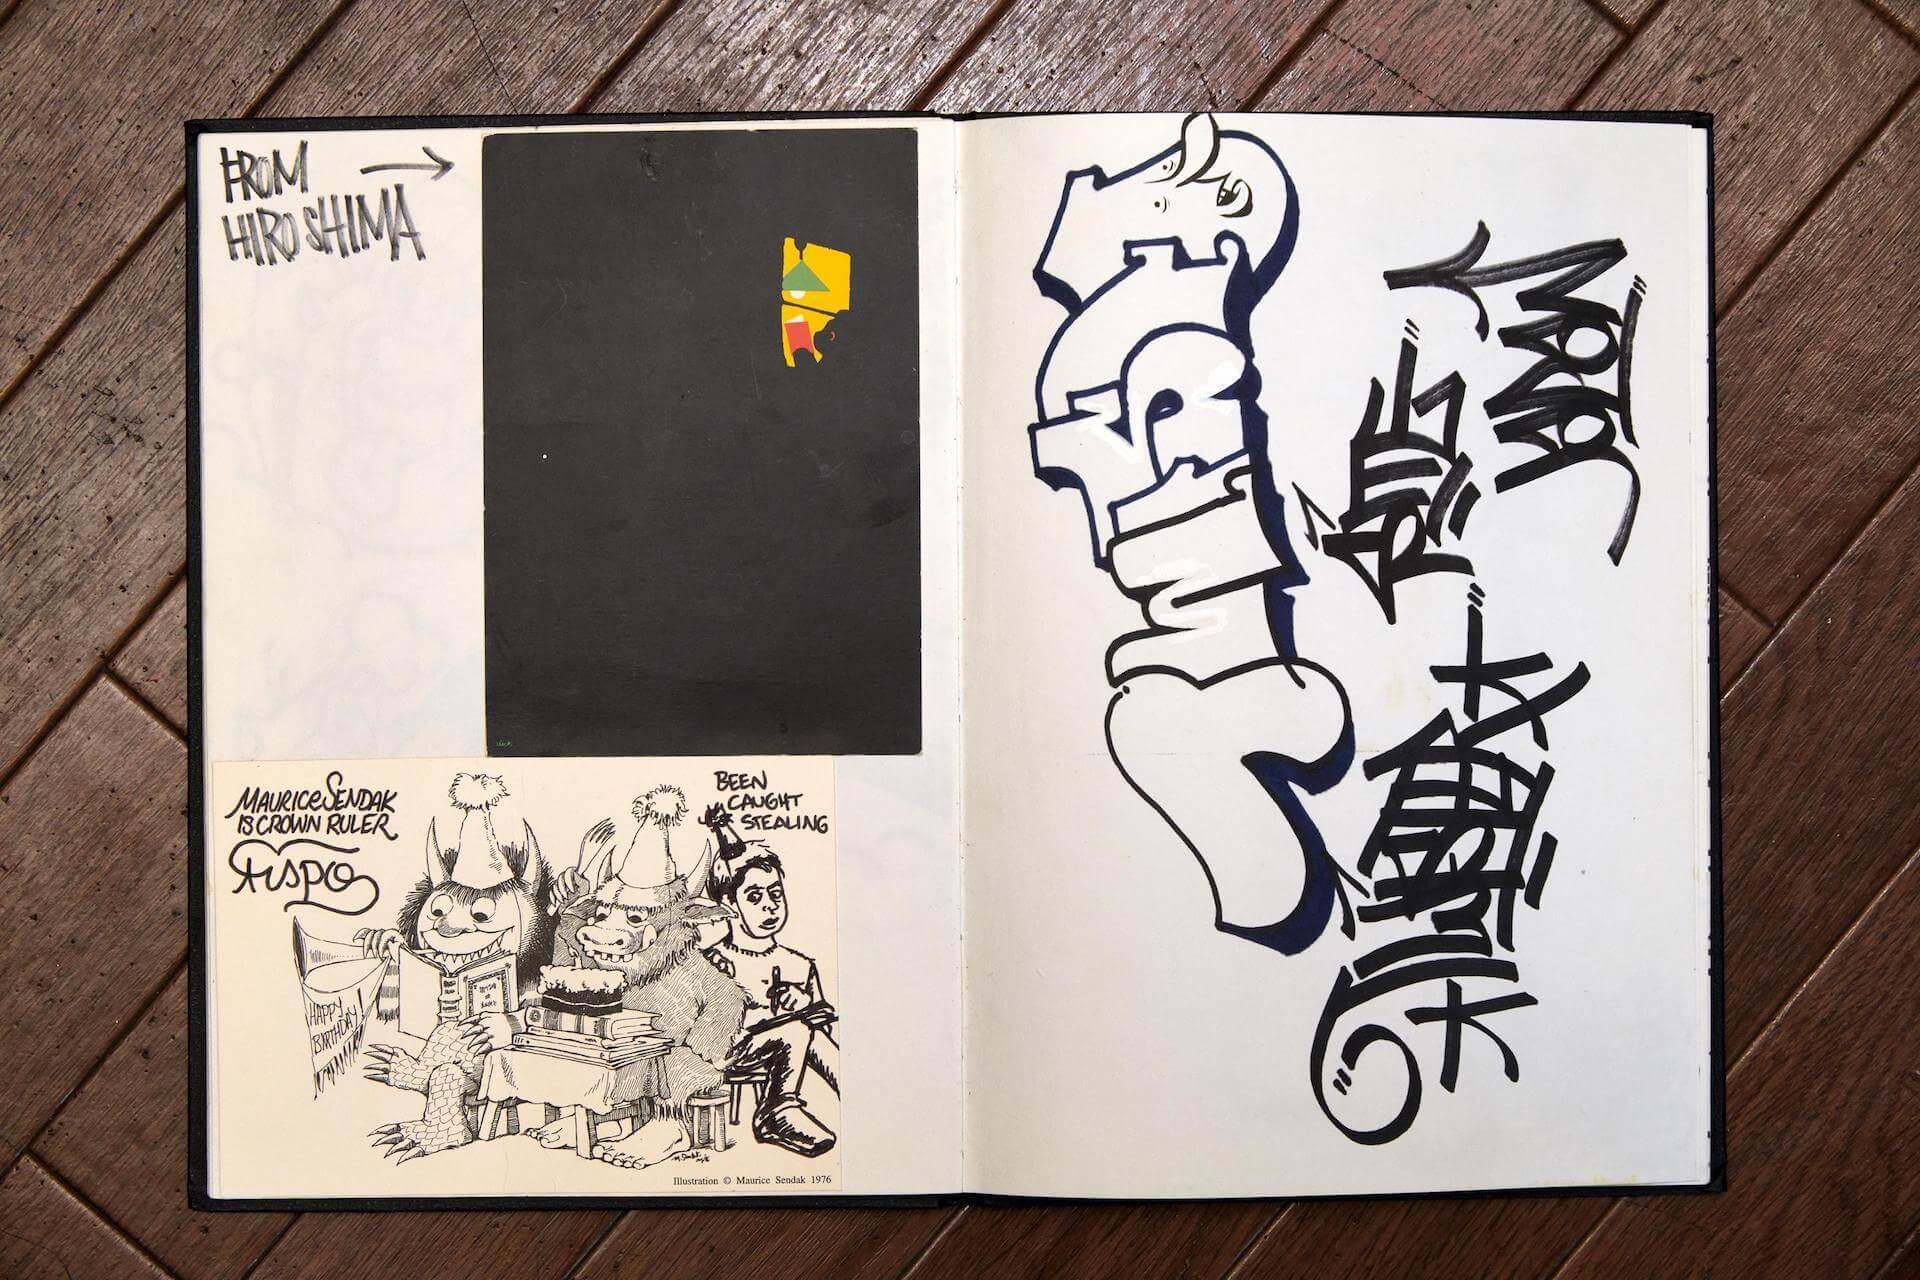 漫画『少年イン・ザ・フッド』単行本化インタビュー|Ghetto Hollywoodに影響を与えた作品たち interview200907_ghettohollywood_4